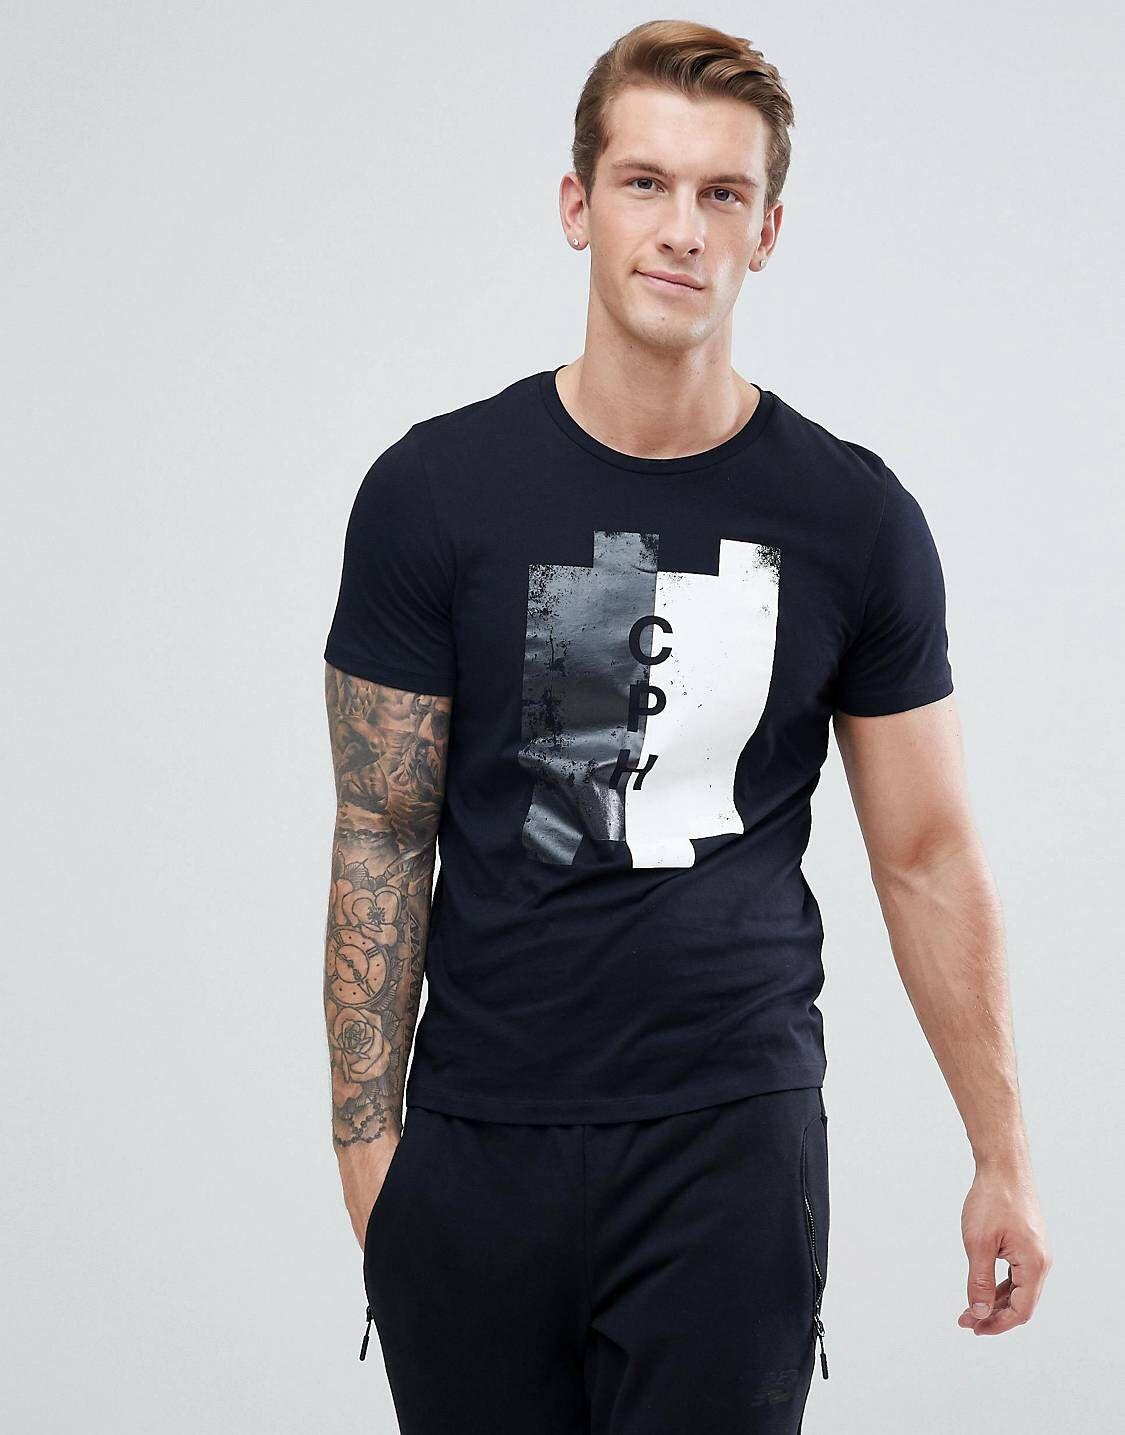 b7f977c7 Jack & Jones Premium Printed T-Shirt | Ss19 menswear | Jack jones、T ...